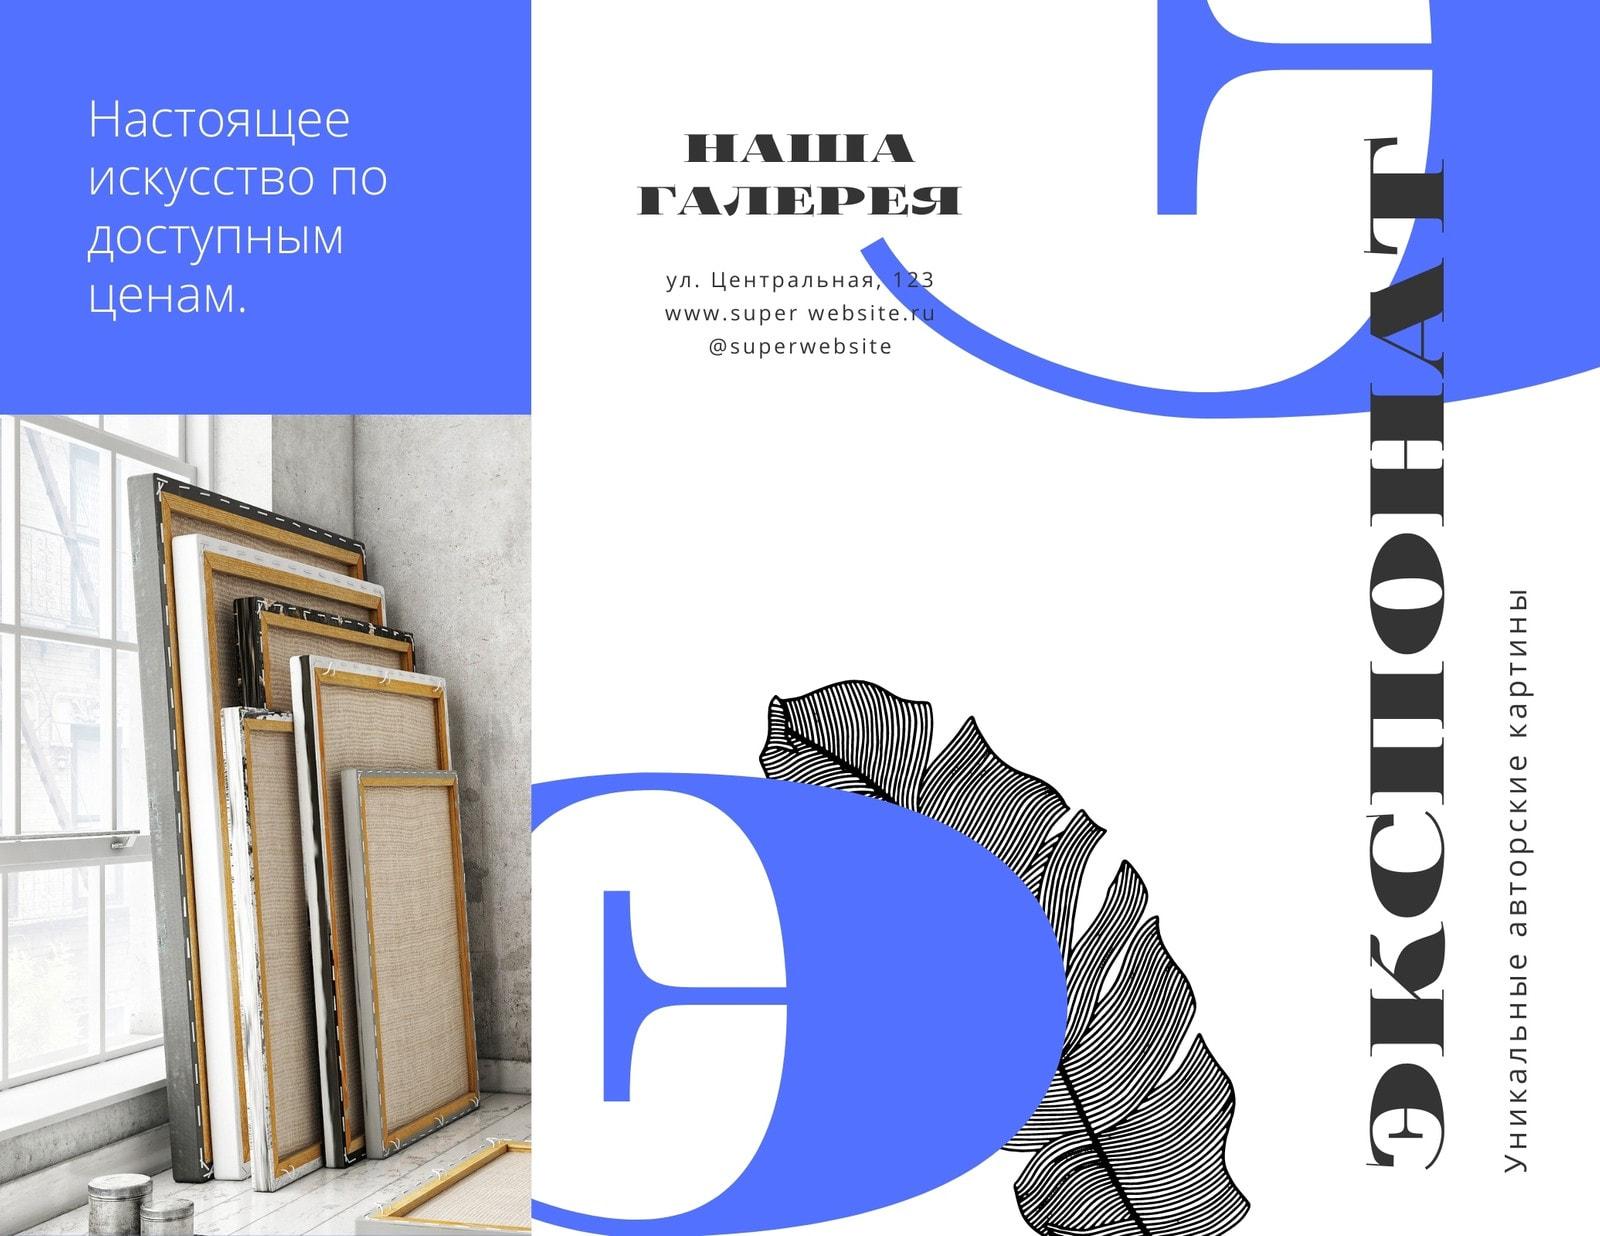 Белая, синяя и черная брошюра с прайс-листом картин